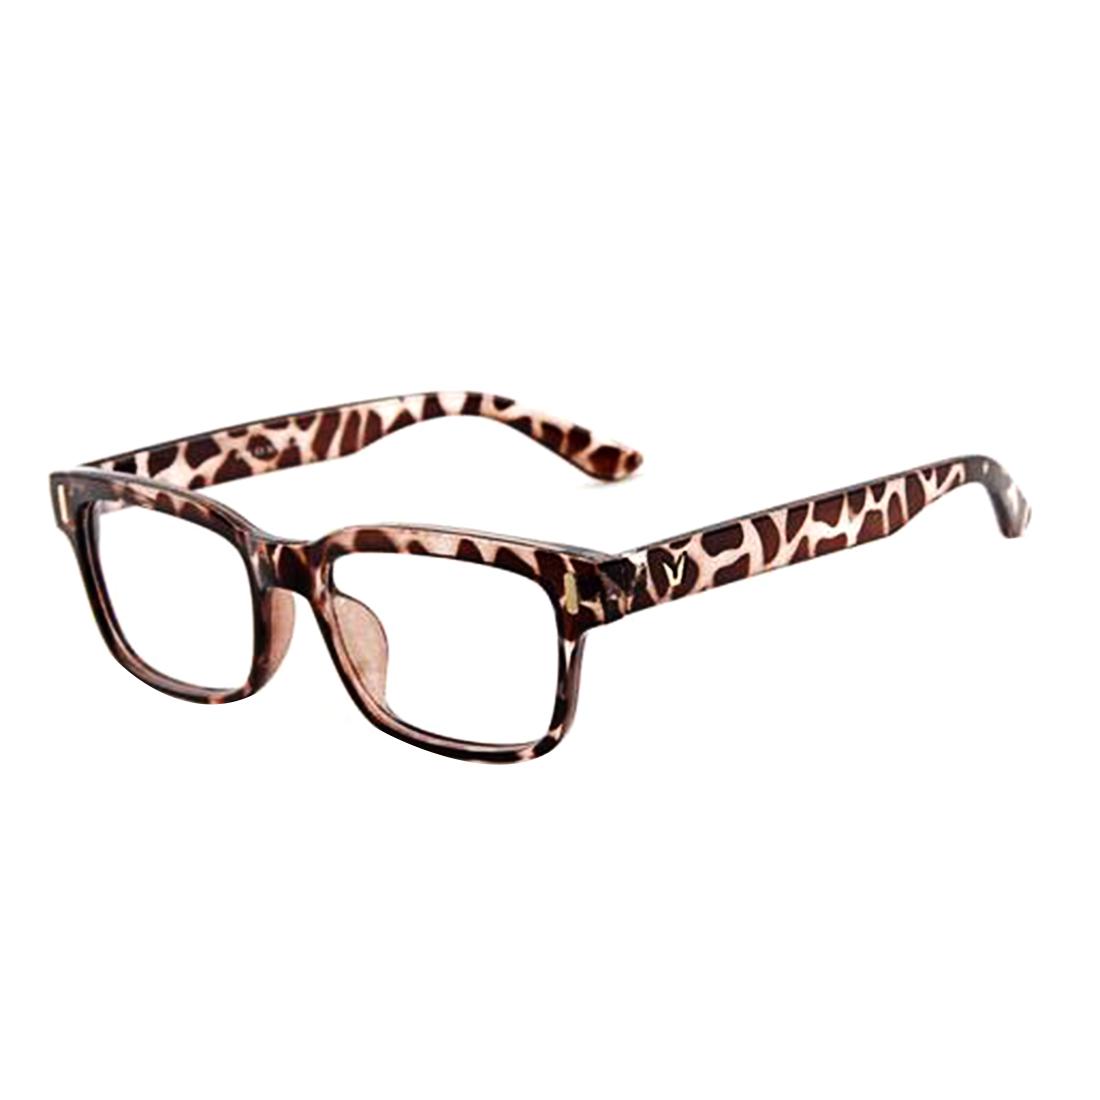 8559a9364c41c Novo 2016 Moda V-Em Forma de Caixa de Olho Óculos De Marca Quadros ...